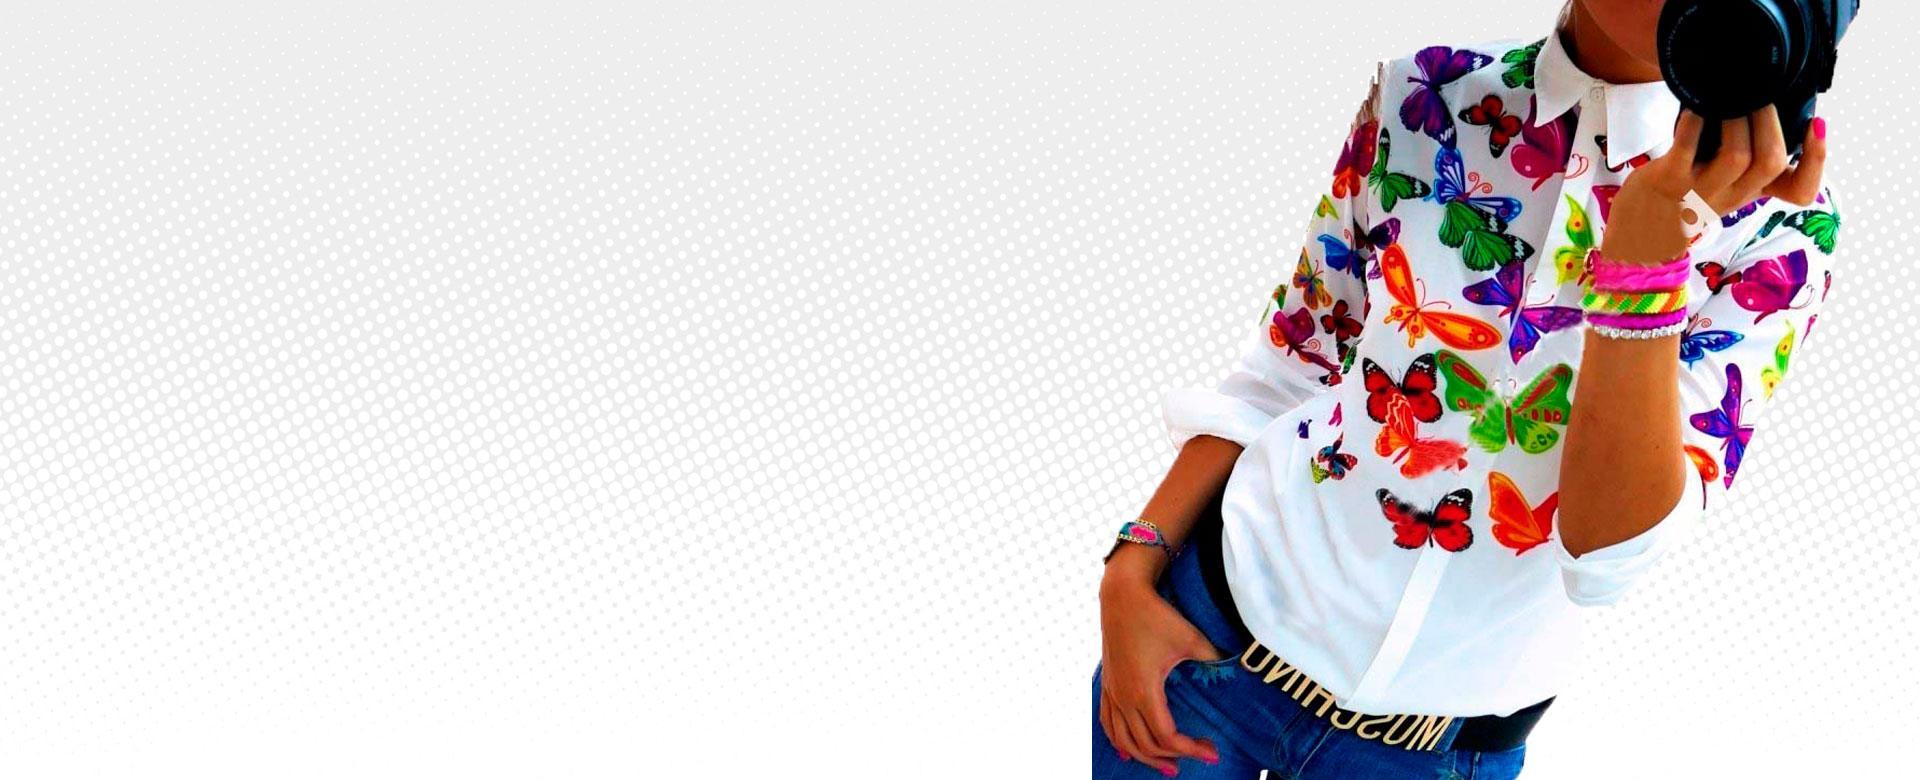 Купить промо текстиль в Москве   Компания РПГ «ИККО»